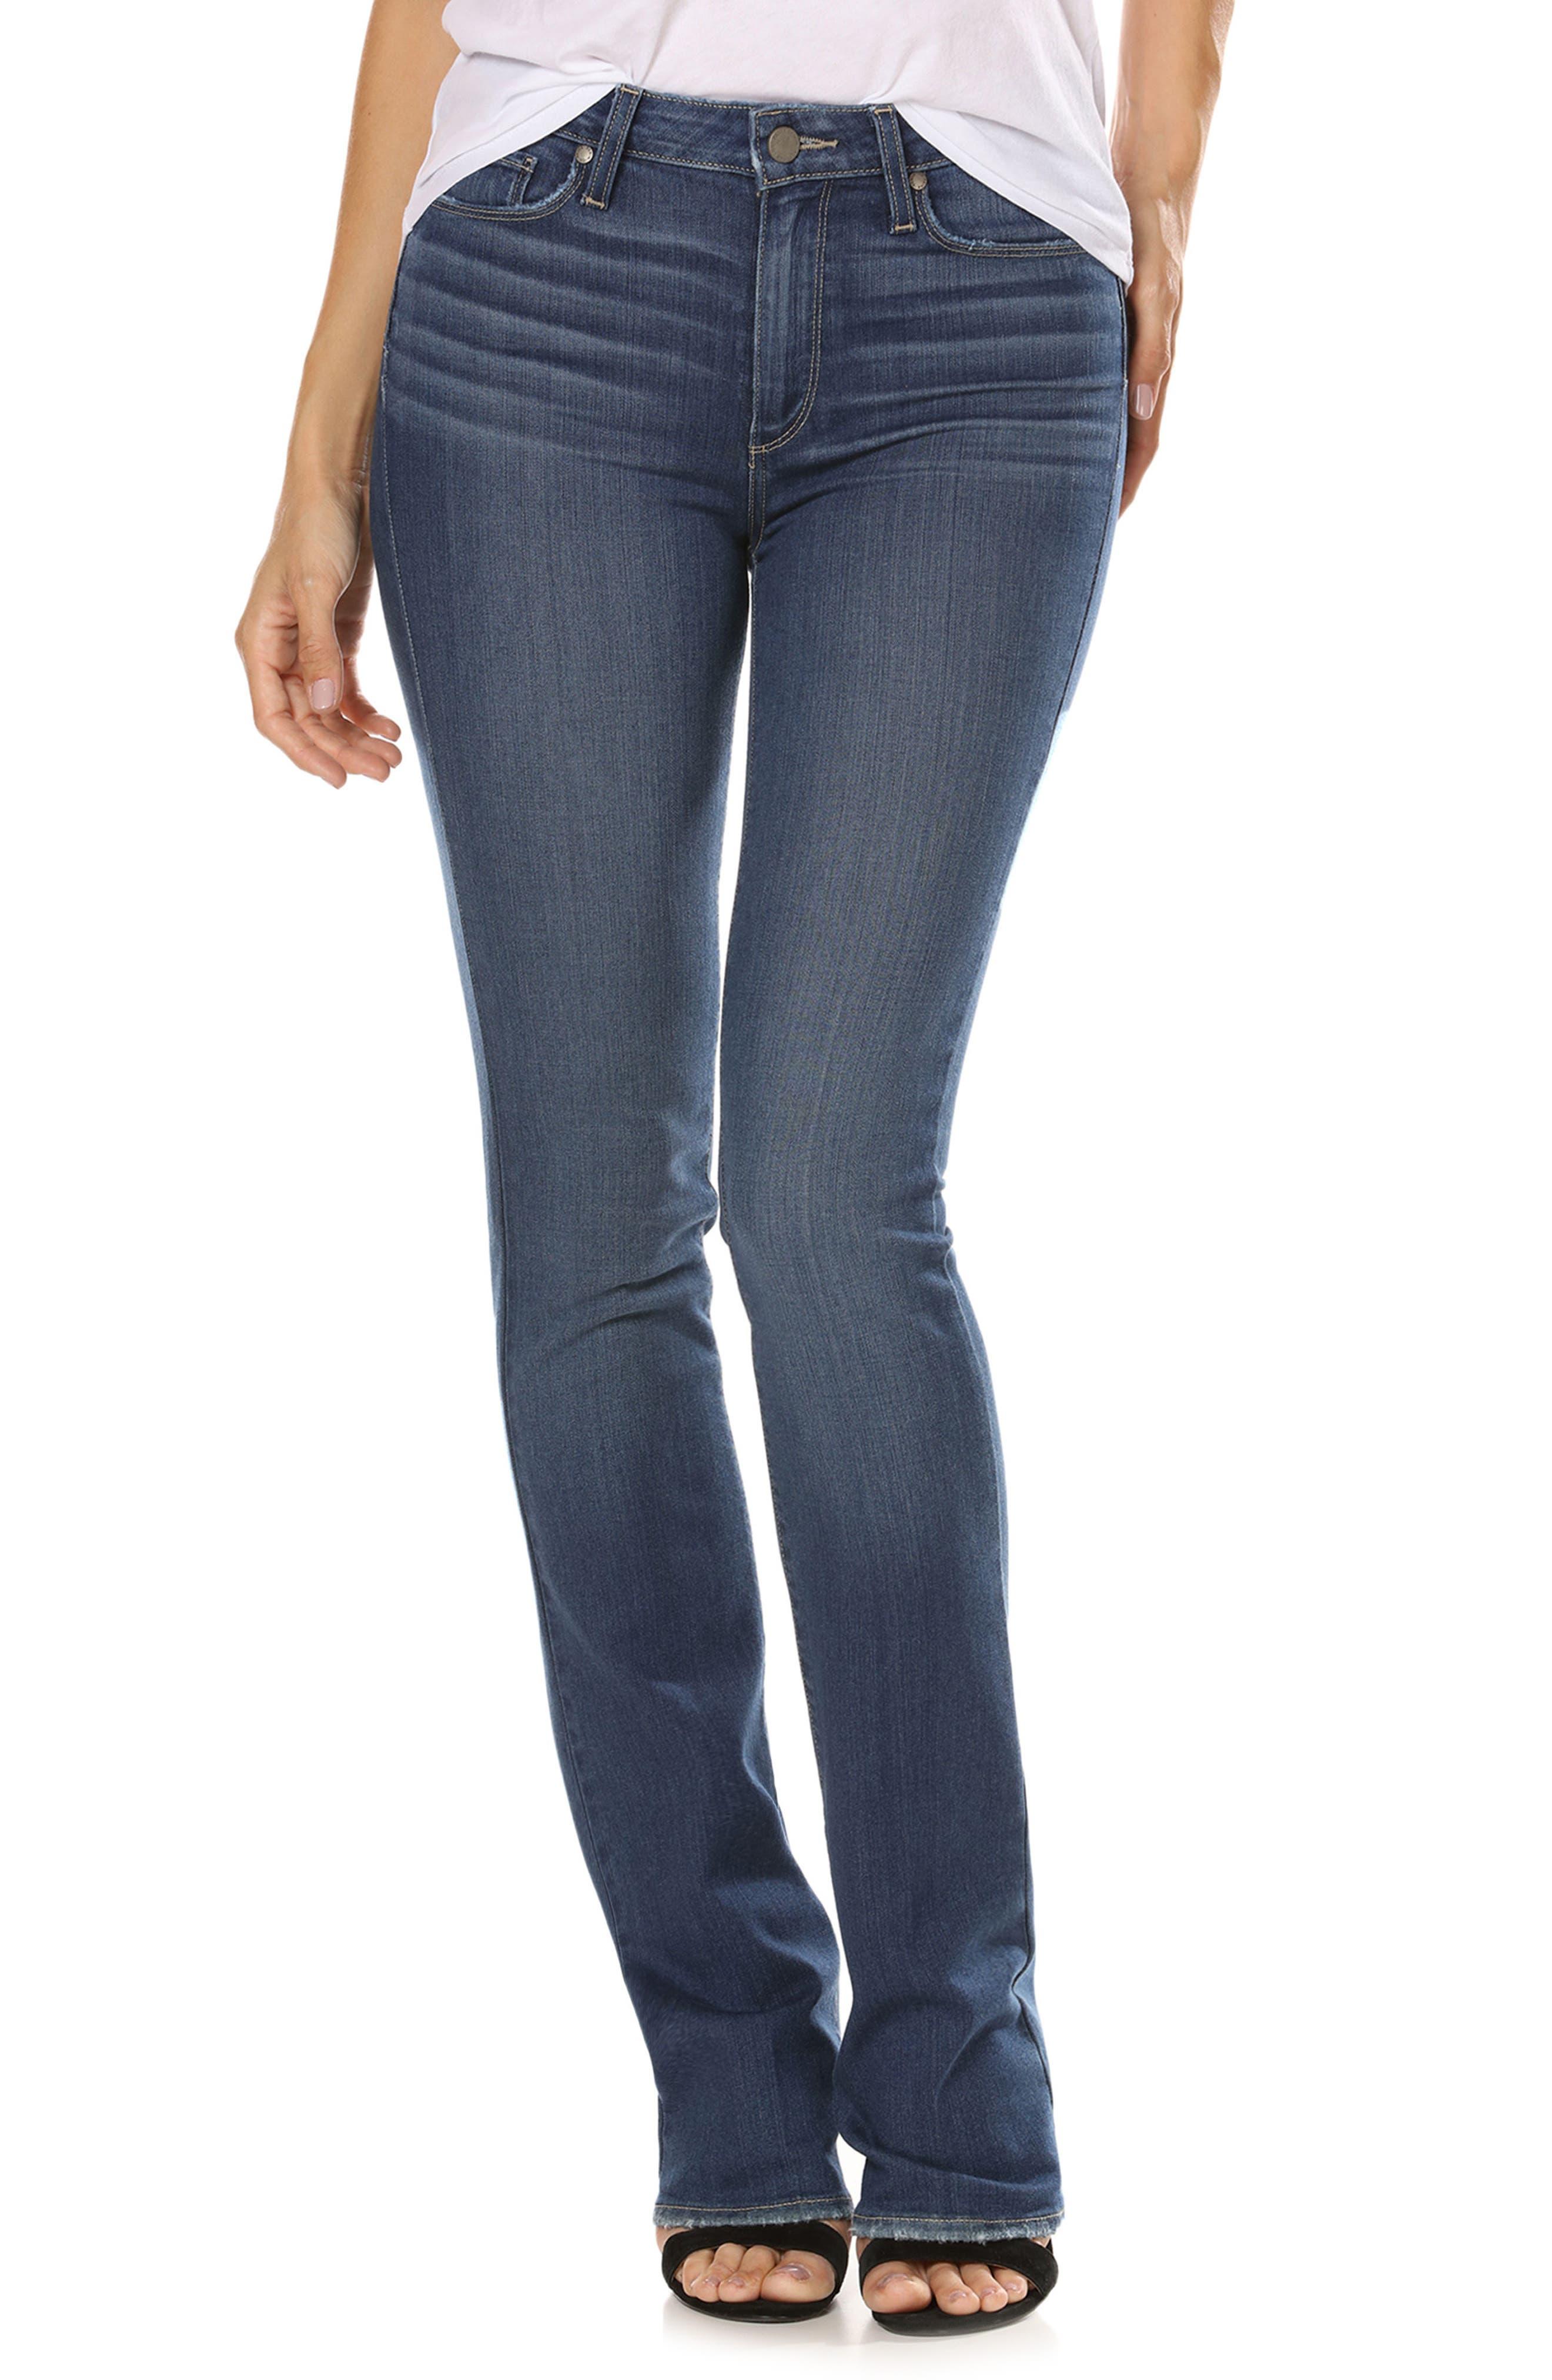 Transcend - Manhattan High Waist Bootcut Jeans,                         Main,                         color, 400